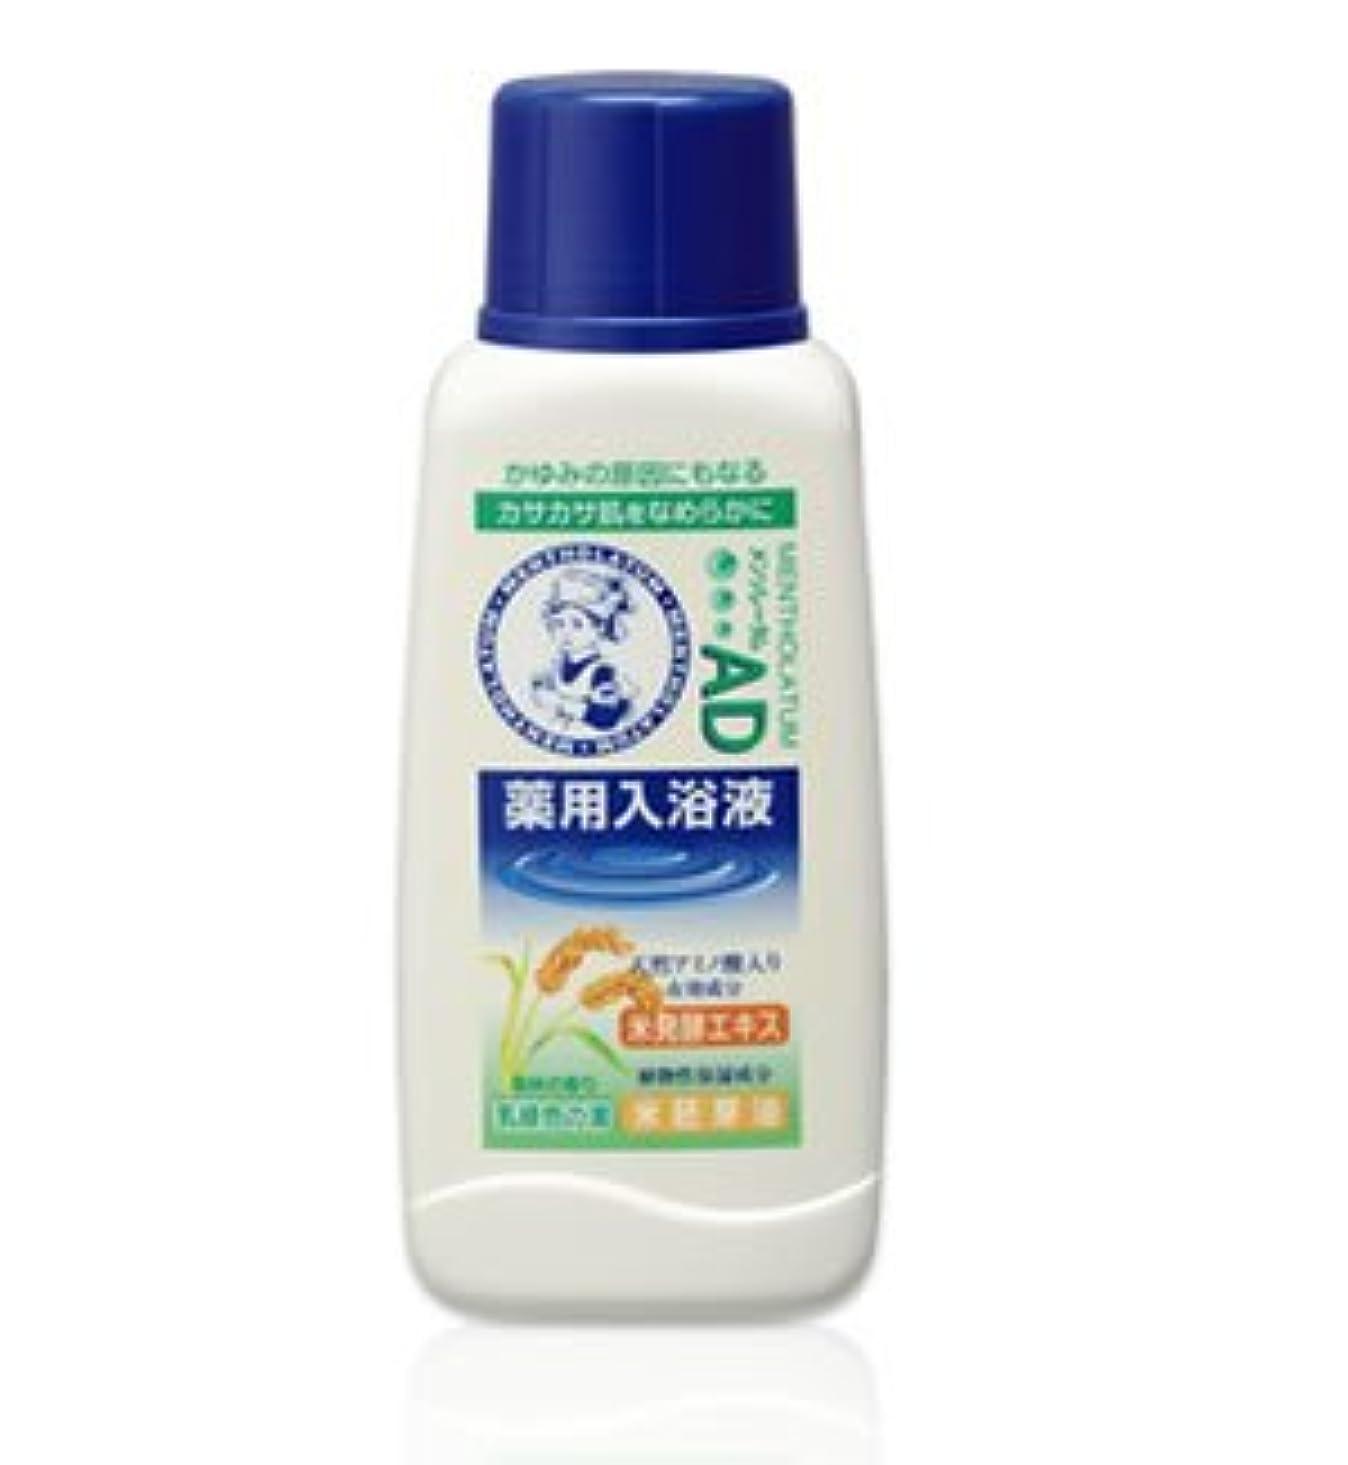 しっとり取り組む仕立て屋(ロート)メンソレータム AD薬用入浴剤 森林の香り720ml(医薬部外品)